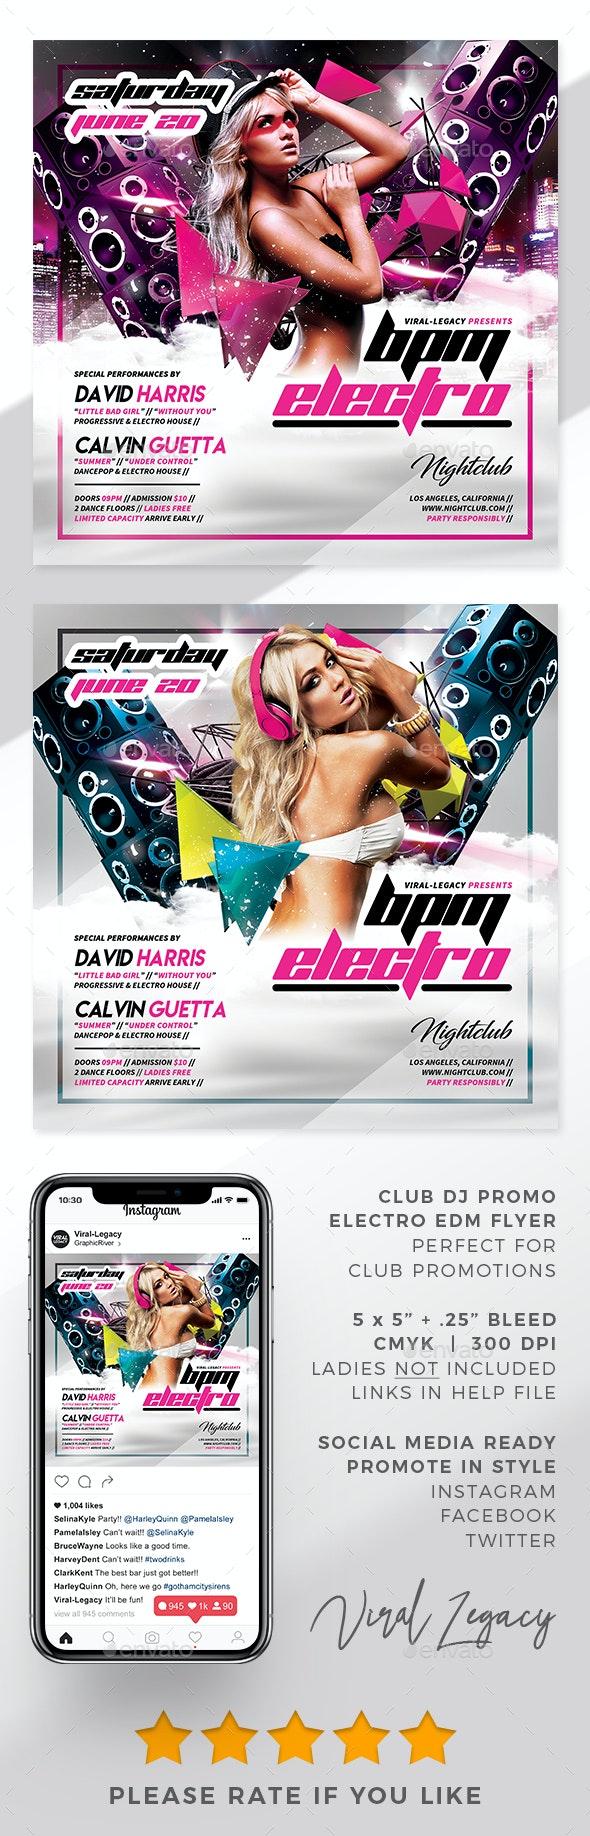 BPM Electro DJ Promo Flyer - Flyers Print Templates